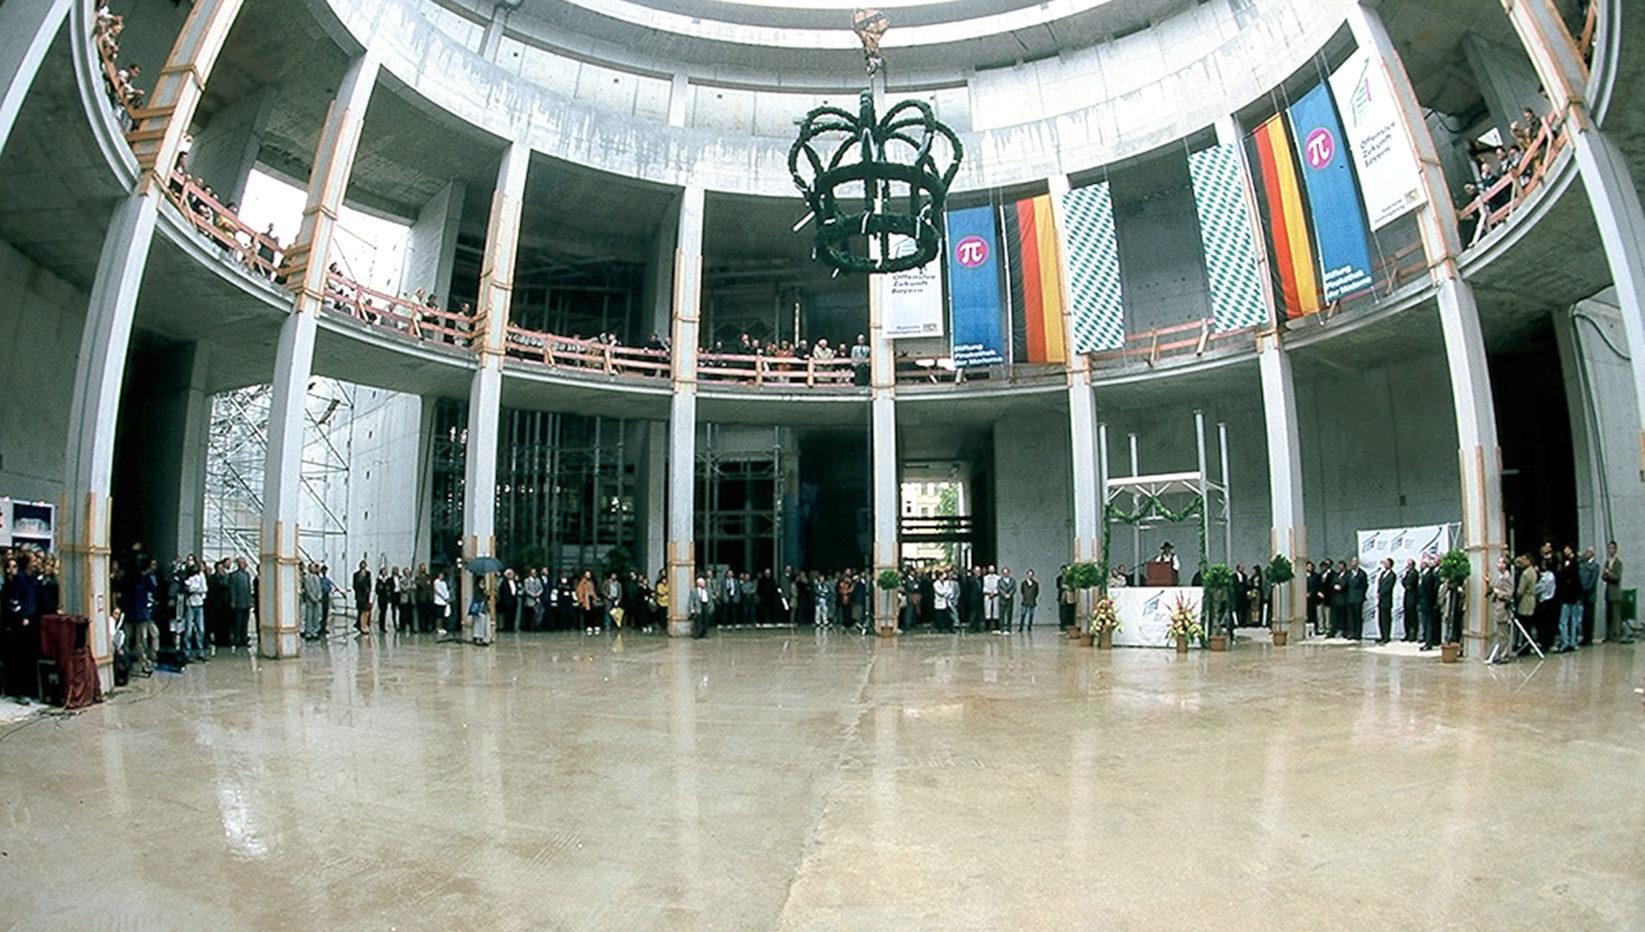 Aufnahme des Richtfests nach Abschluss der Rohbauarbeiten an der Pinakothek der Moderne. Innenaufnahme der Kuppelhalle mit festlicher Richtfestdekoration.